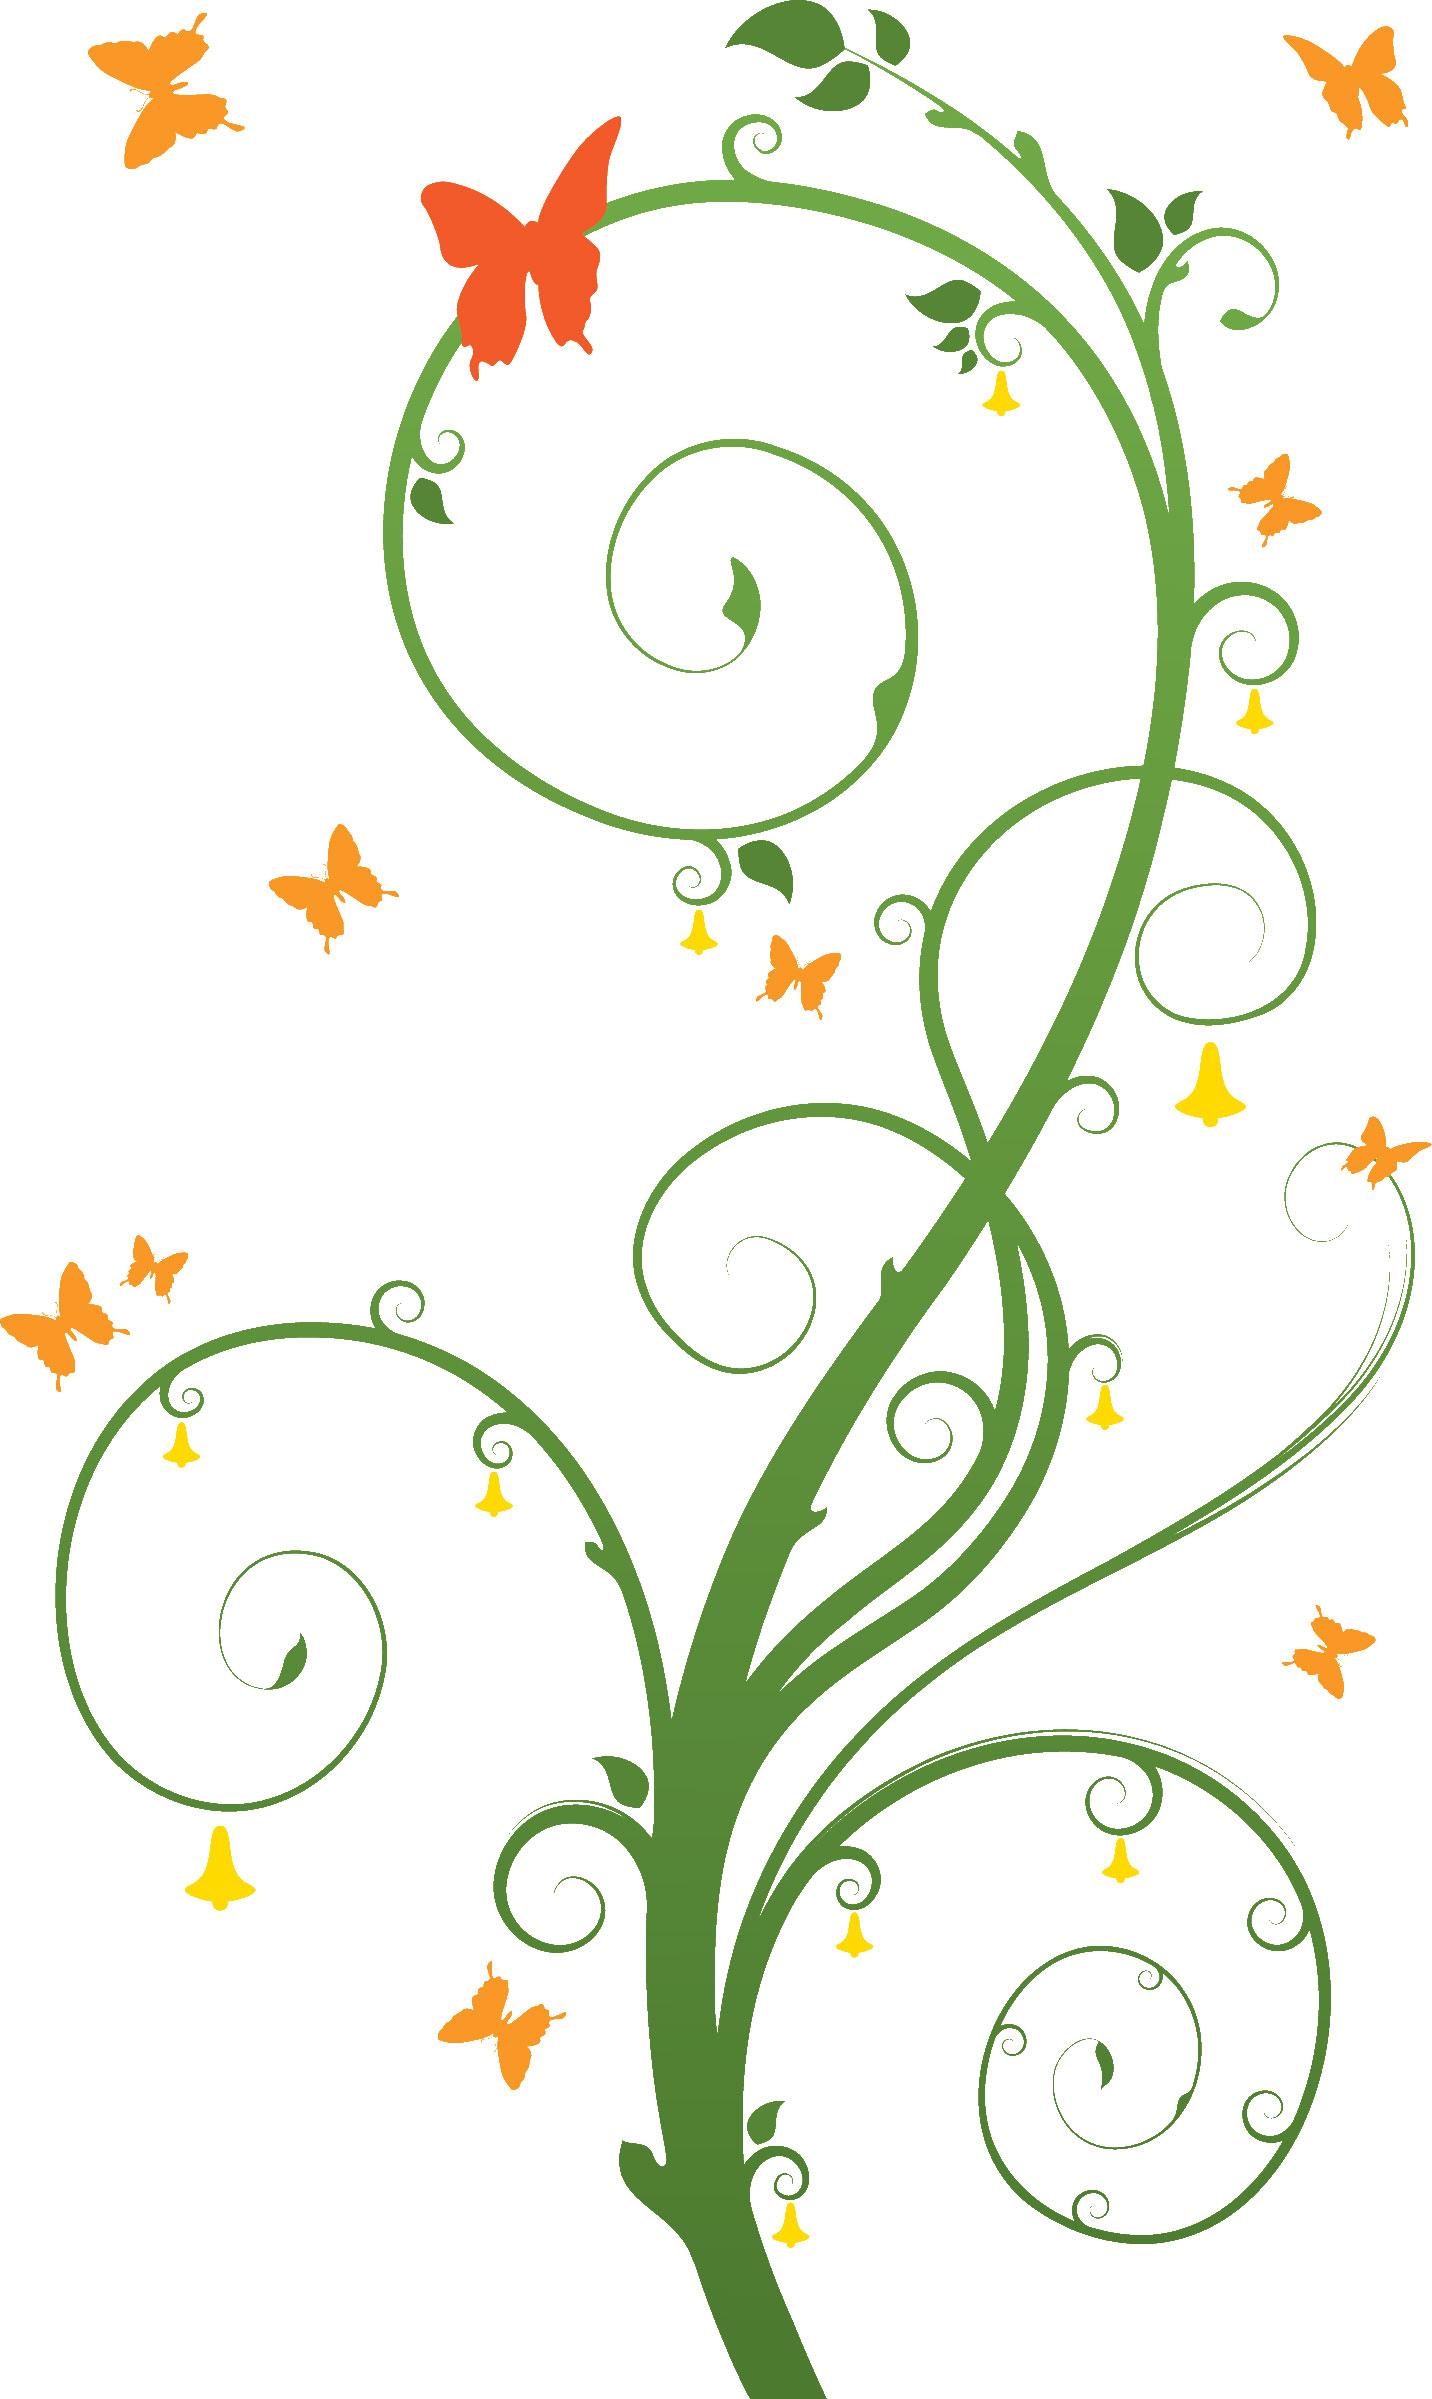 葉っぱや草木のイラスト画像フリー素材no298植物と蝶